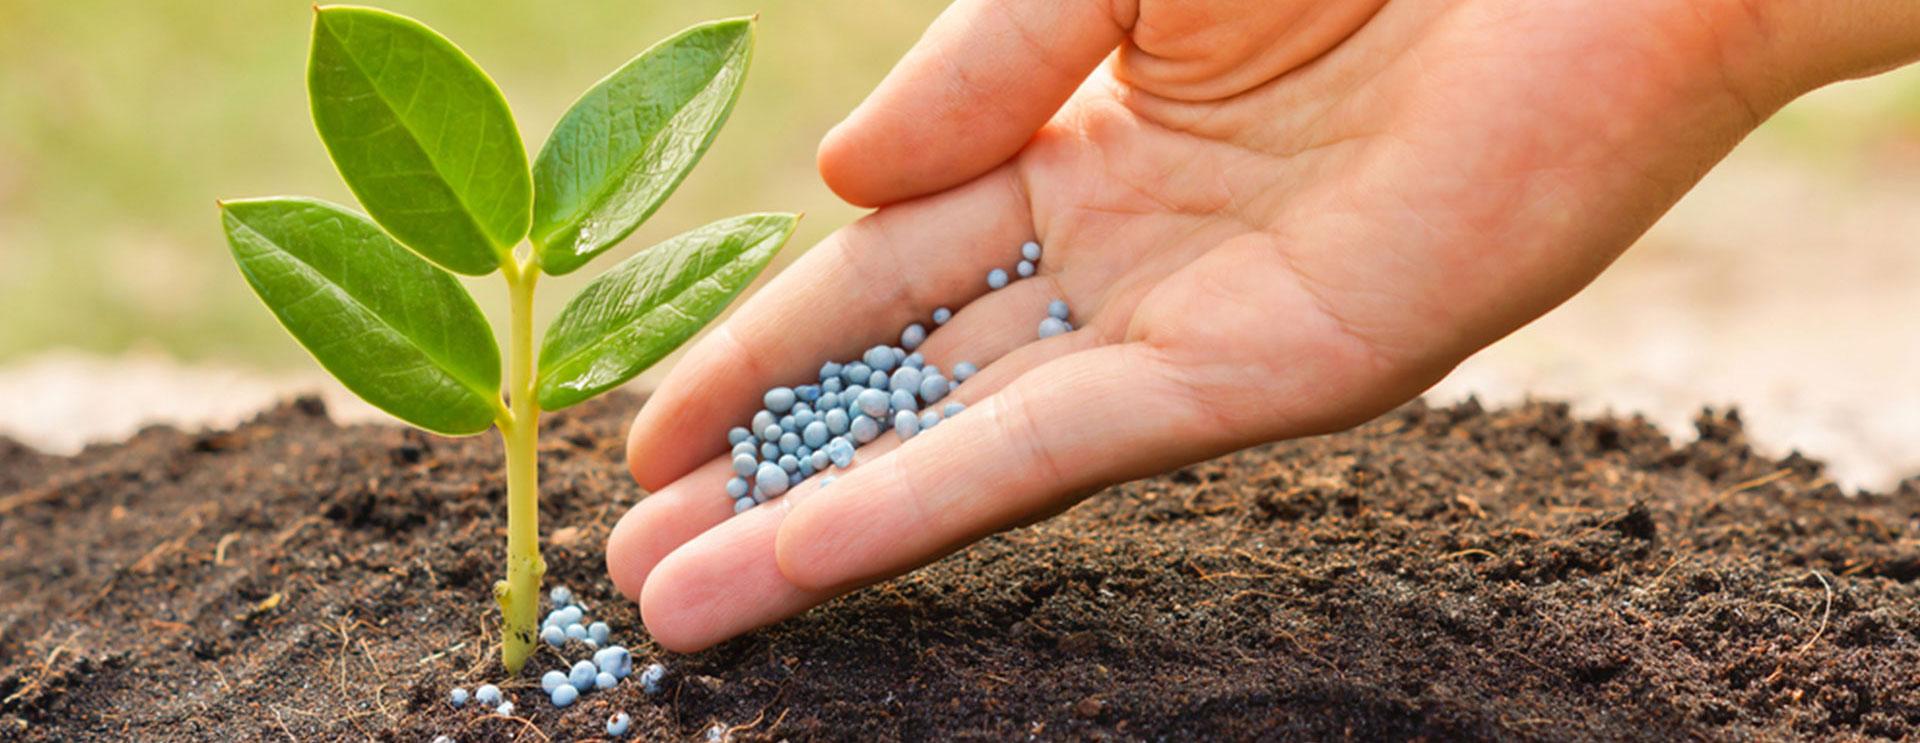 Кушать подано! Технологии внесения минеральных удобрений в почву